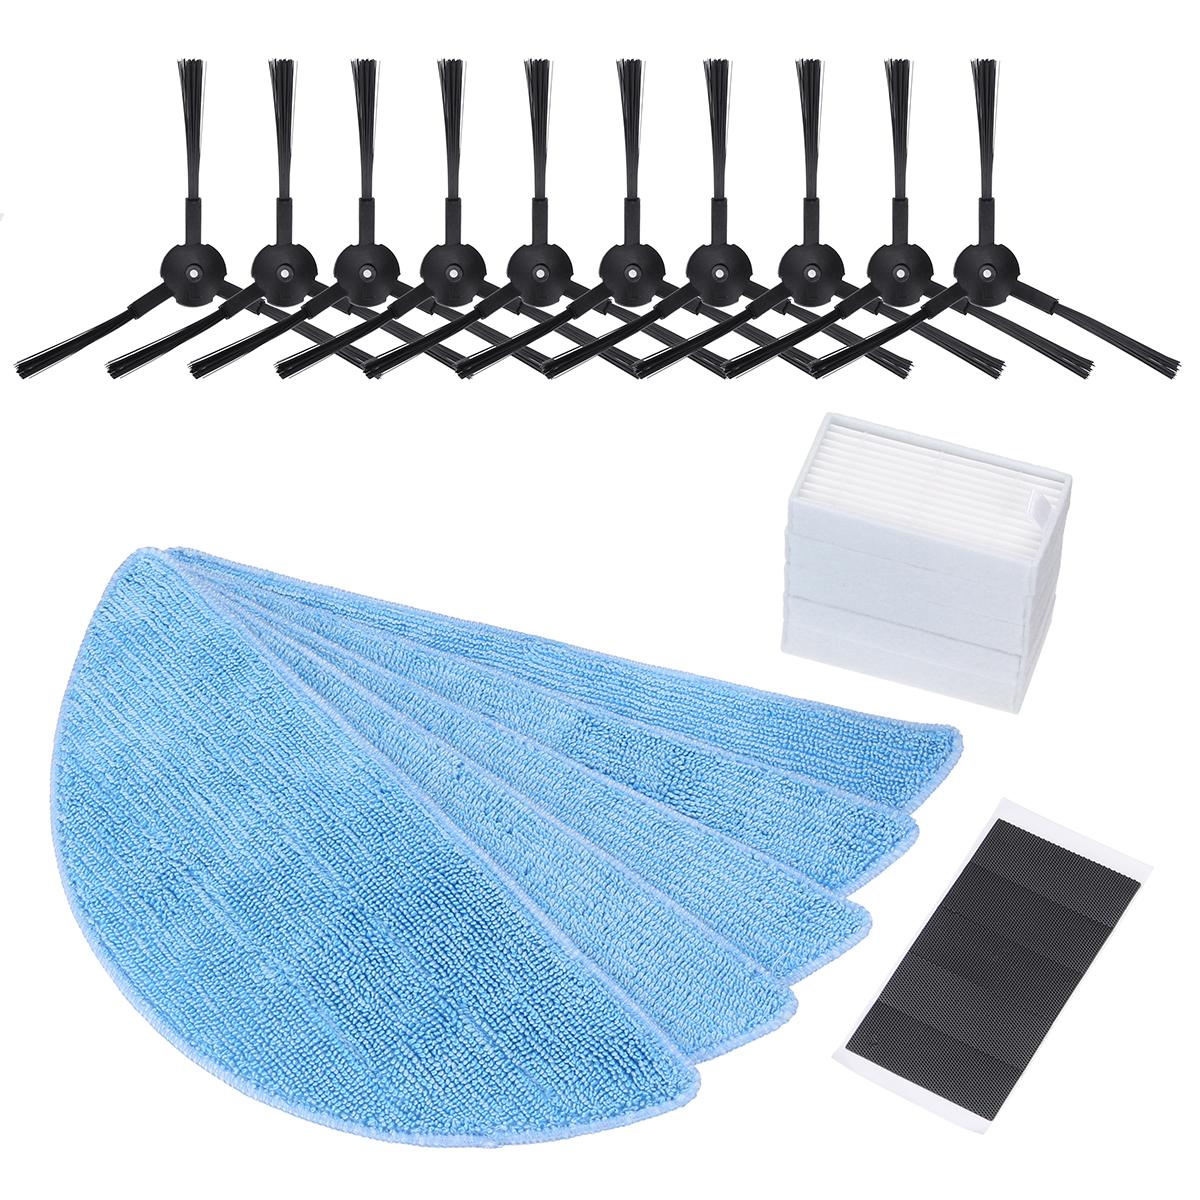 Премиум ILIFE Аксессуары Пылесос 25PCS Тканевый пылесос Mop Замена для ILIFE Robot V3 V3 V5 V5S V5S Pro (10 Кисти + 5 губок + 5 фильтровальных полотен + 5 крепежных э